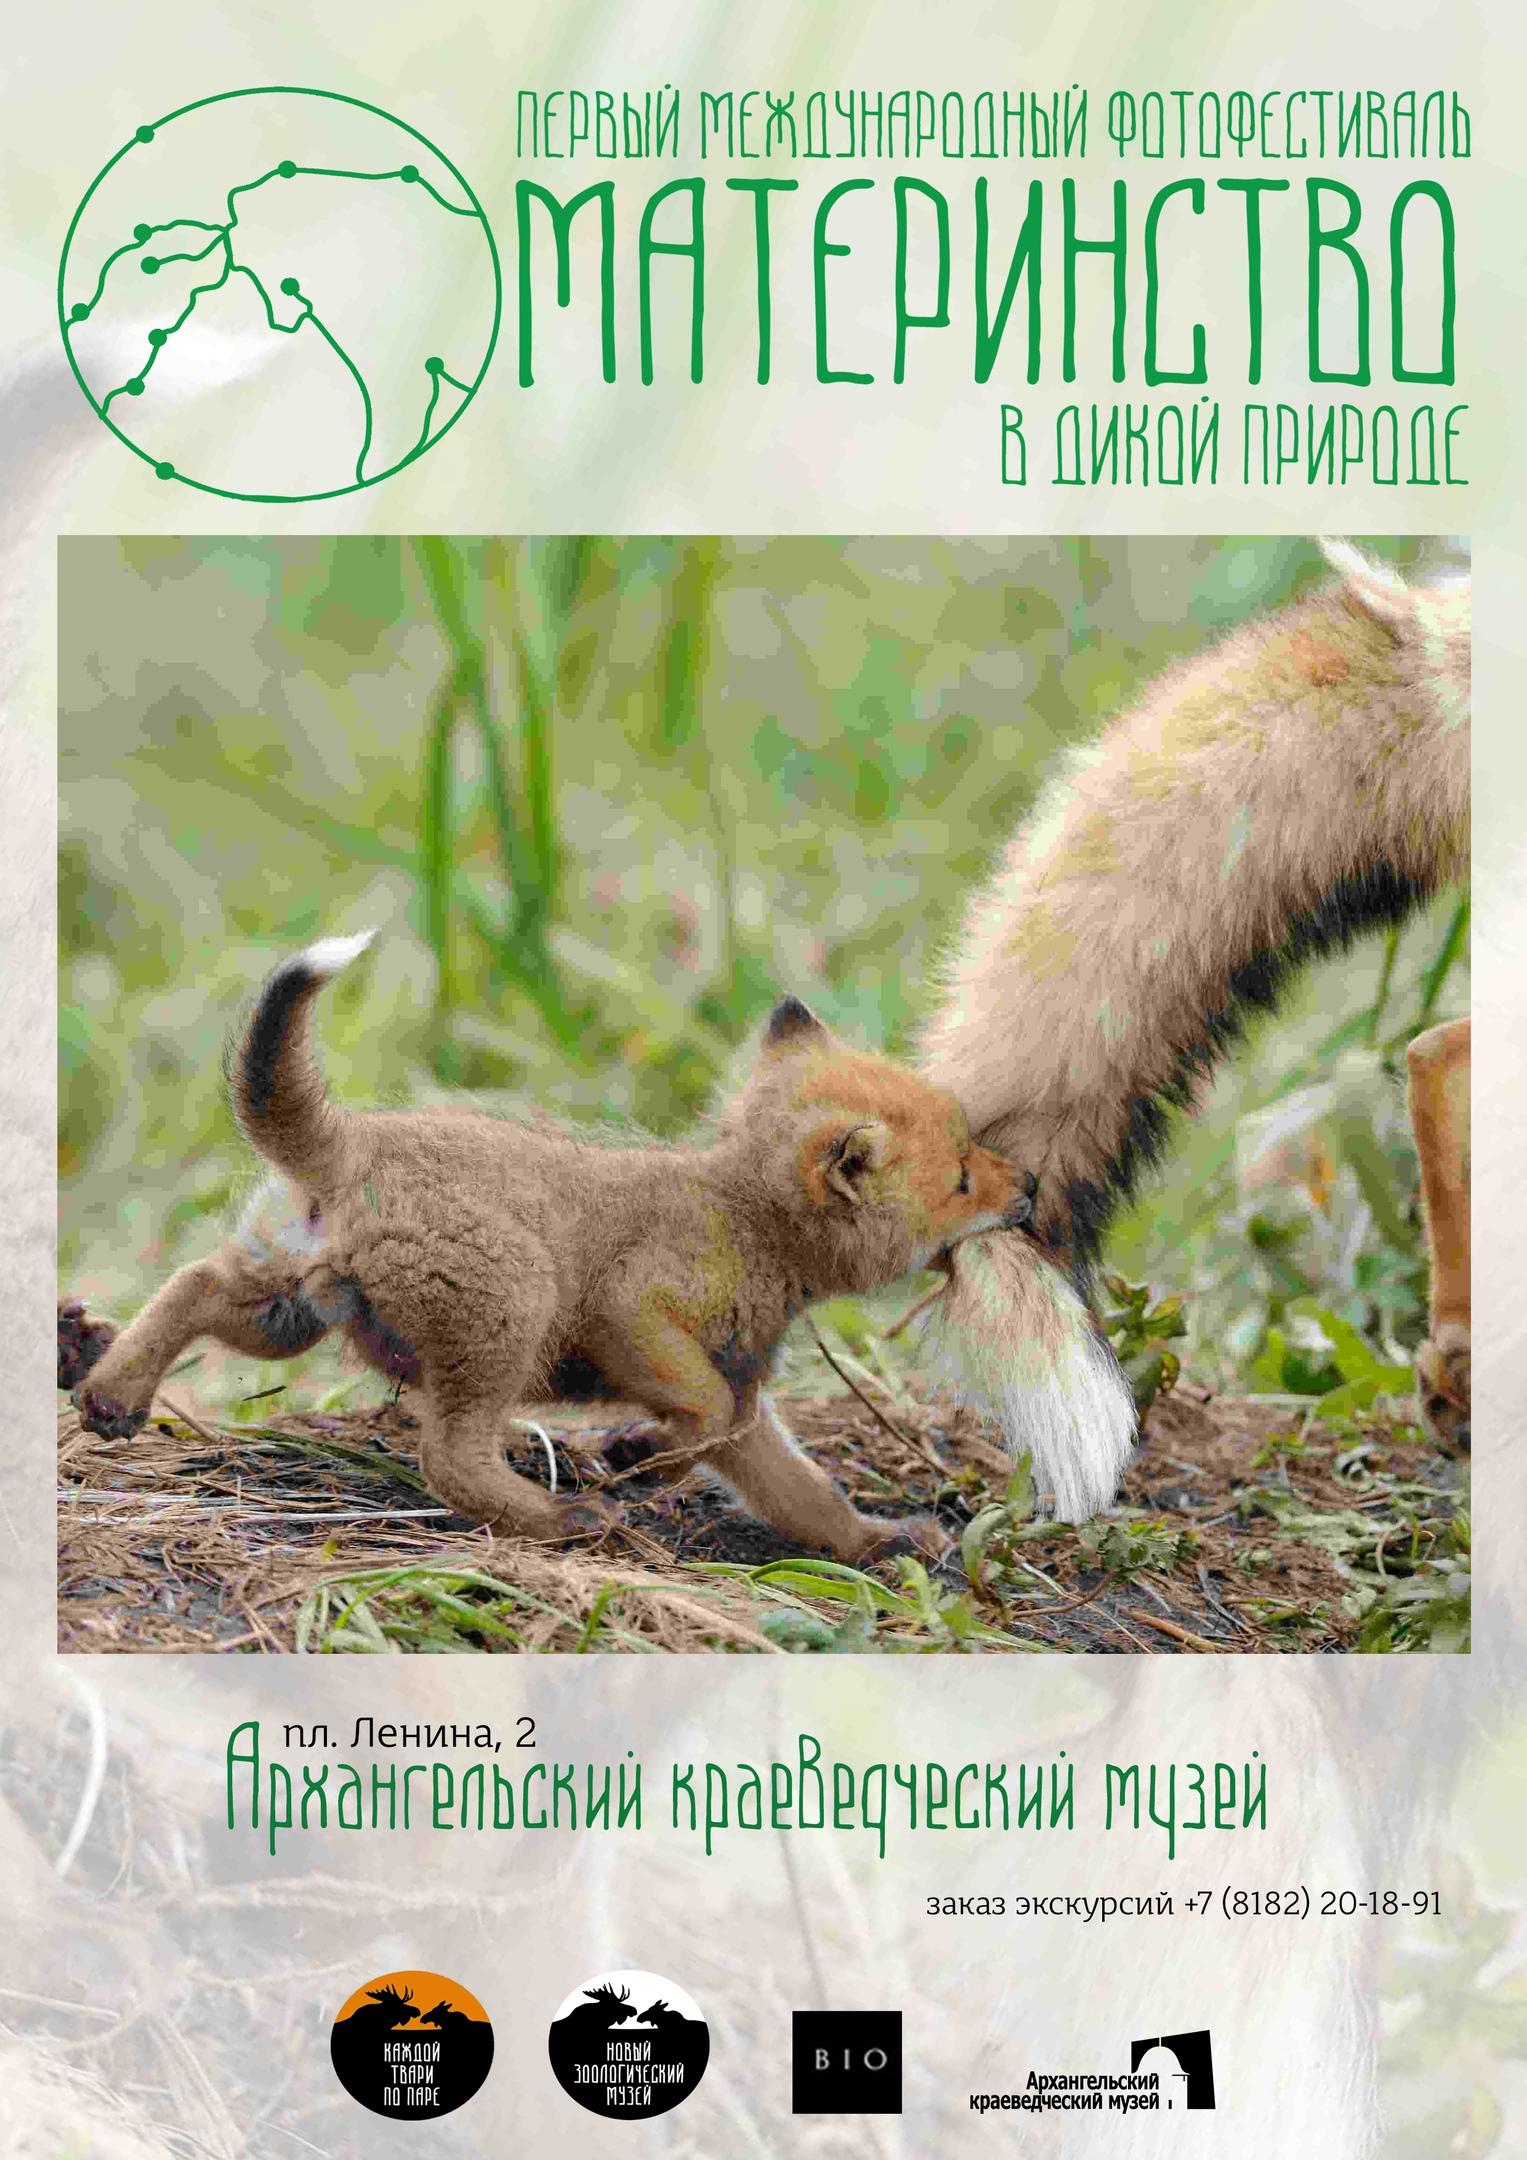 «Материнство в дикой природе»